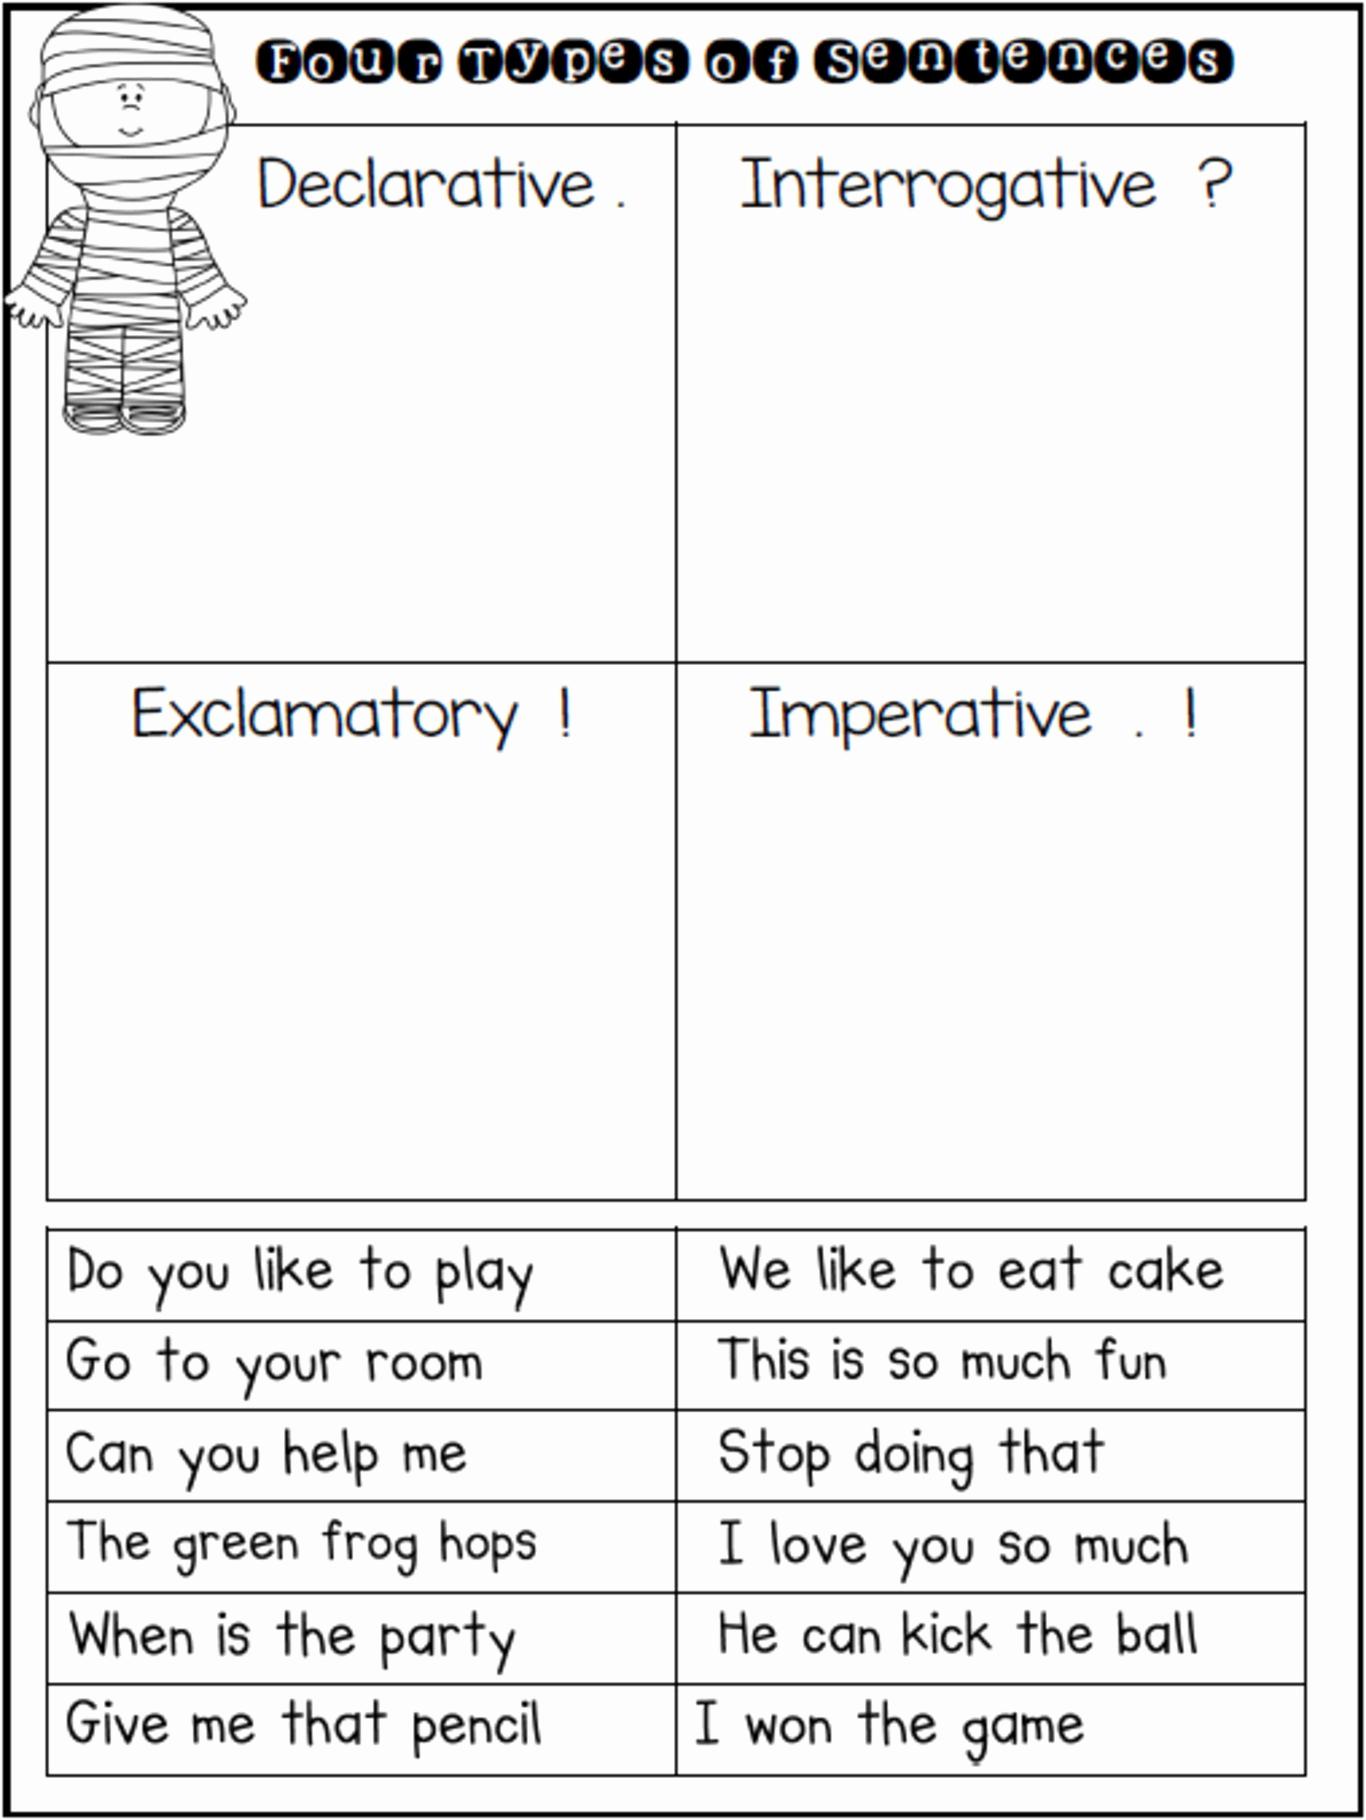 Four Kinds Of Sentences Worksheets Best Of Free Types Of Sentences Worksheets Misc Free